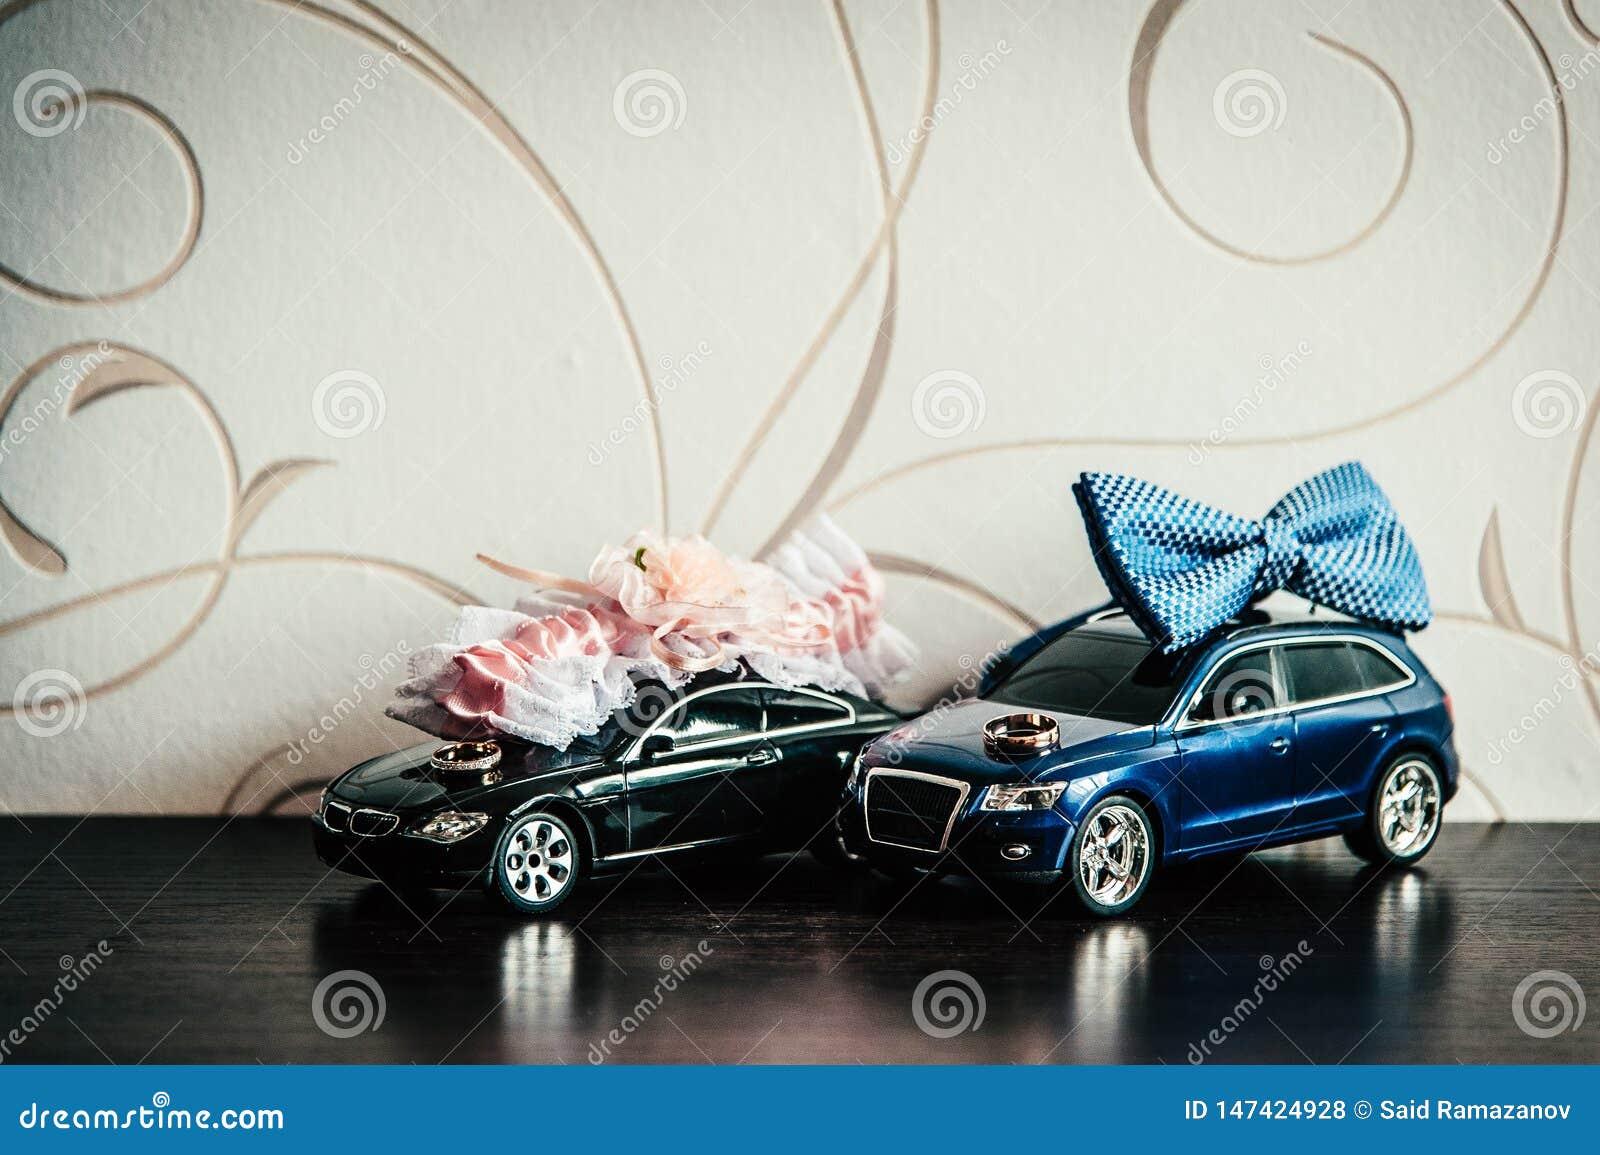 Anillos de bodas, la mariposa del novio y la liga de la novia en los coches del juguete